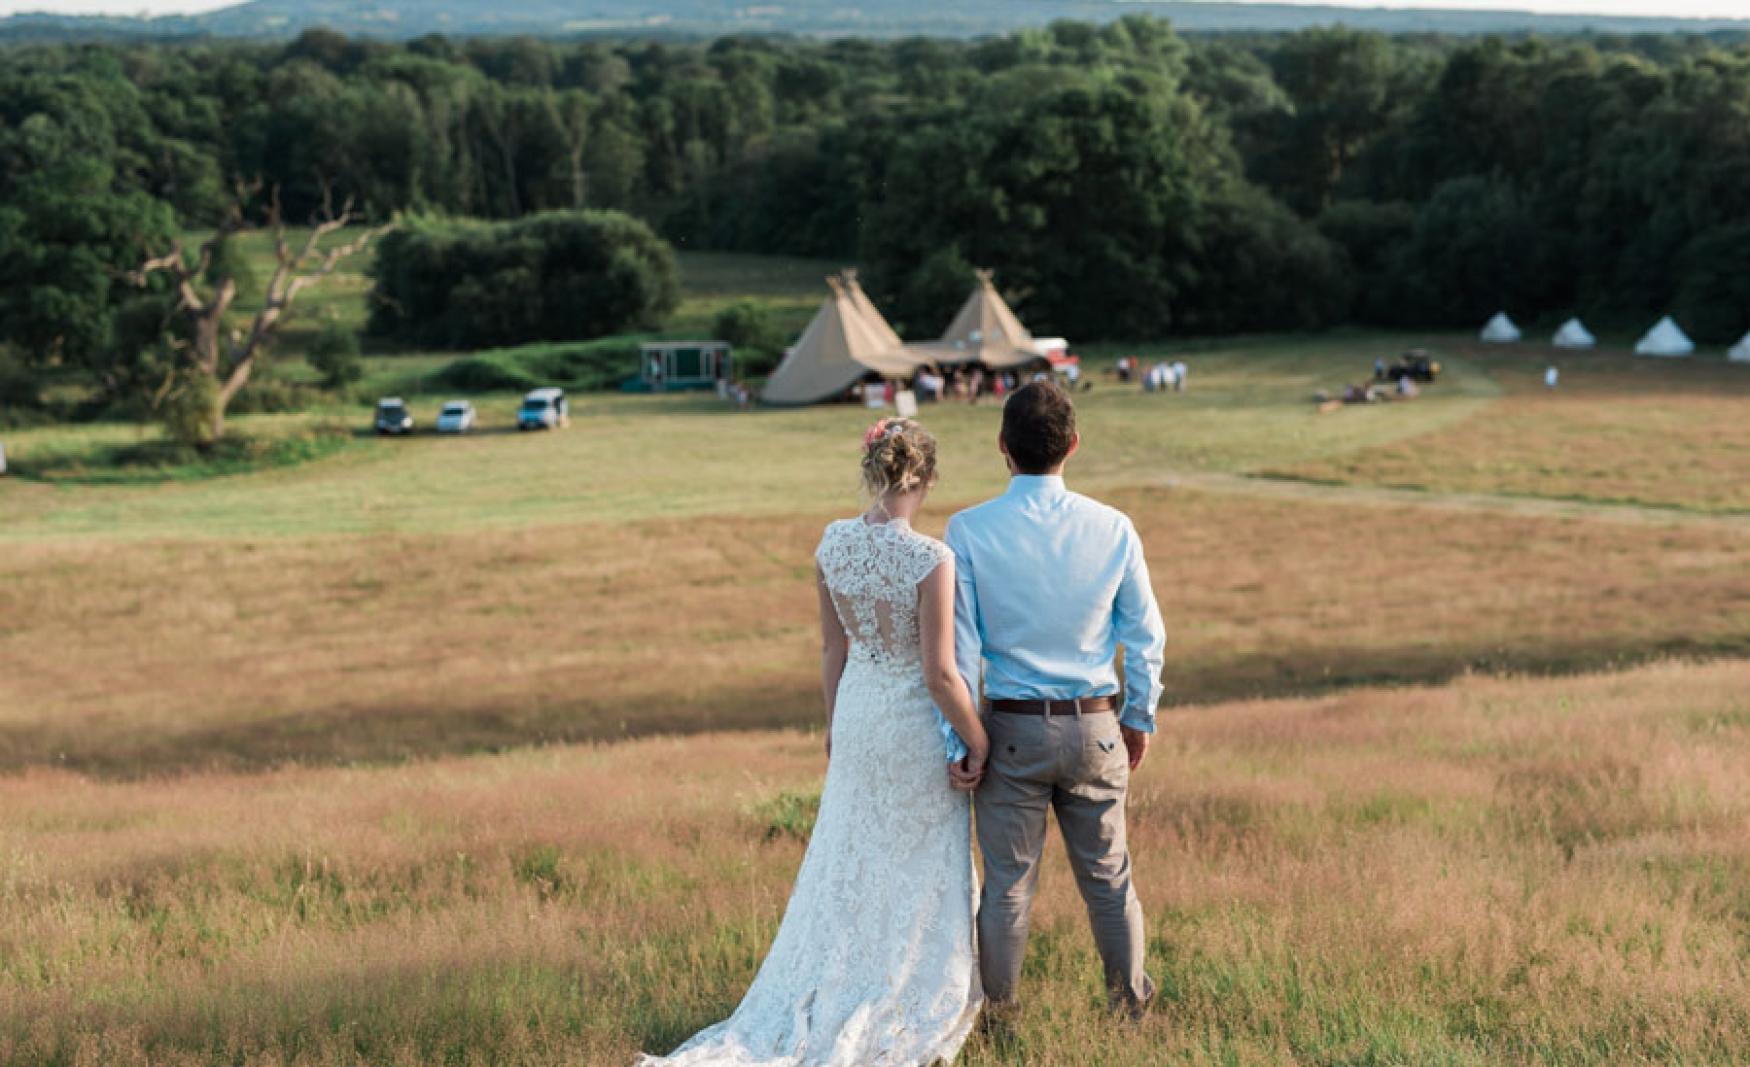 fiesta-fields-outdoor-wedding-events-company-tipi-surrey-sussex-hidden-valley-godalming-3